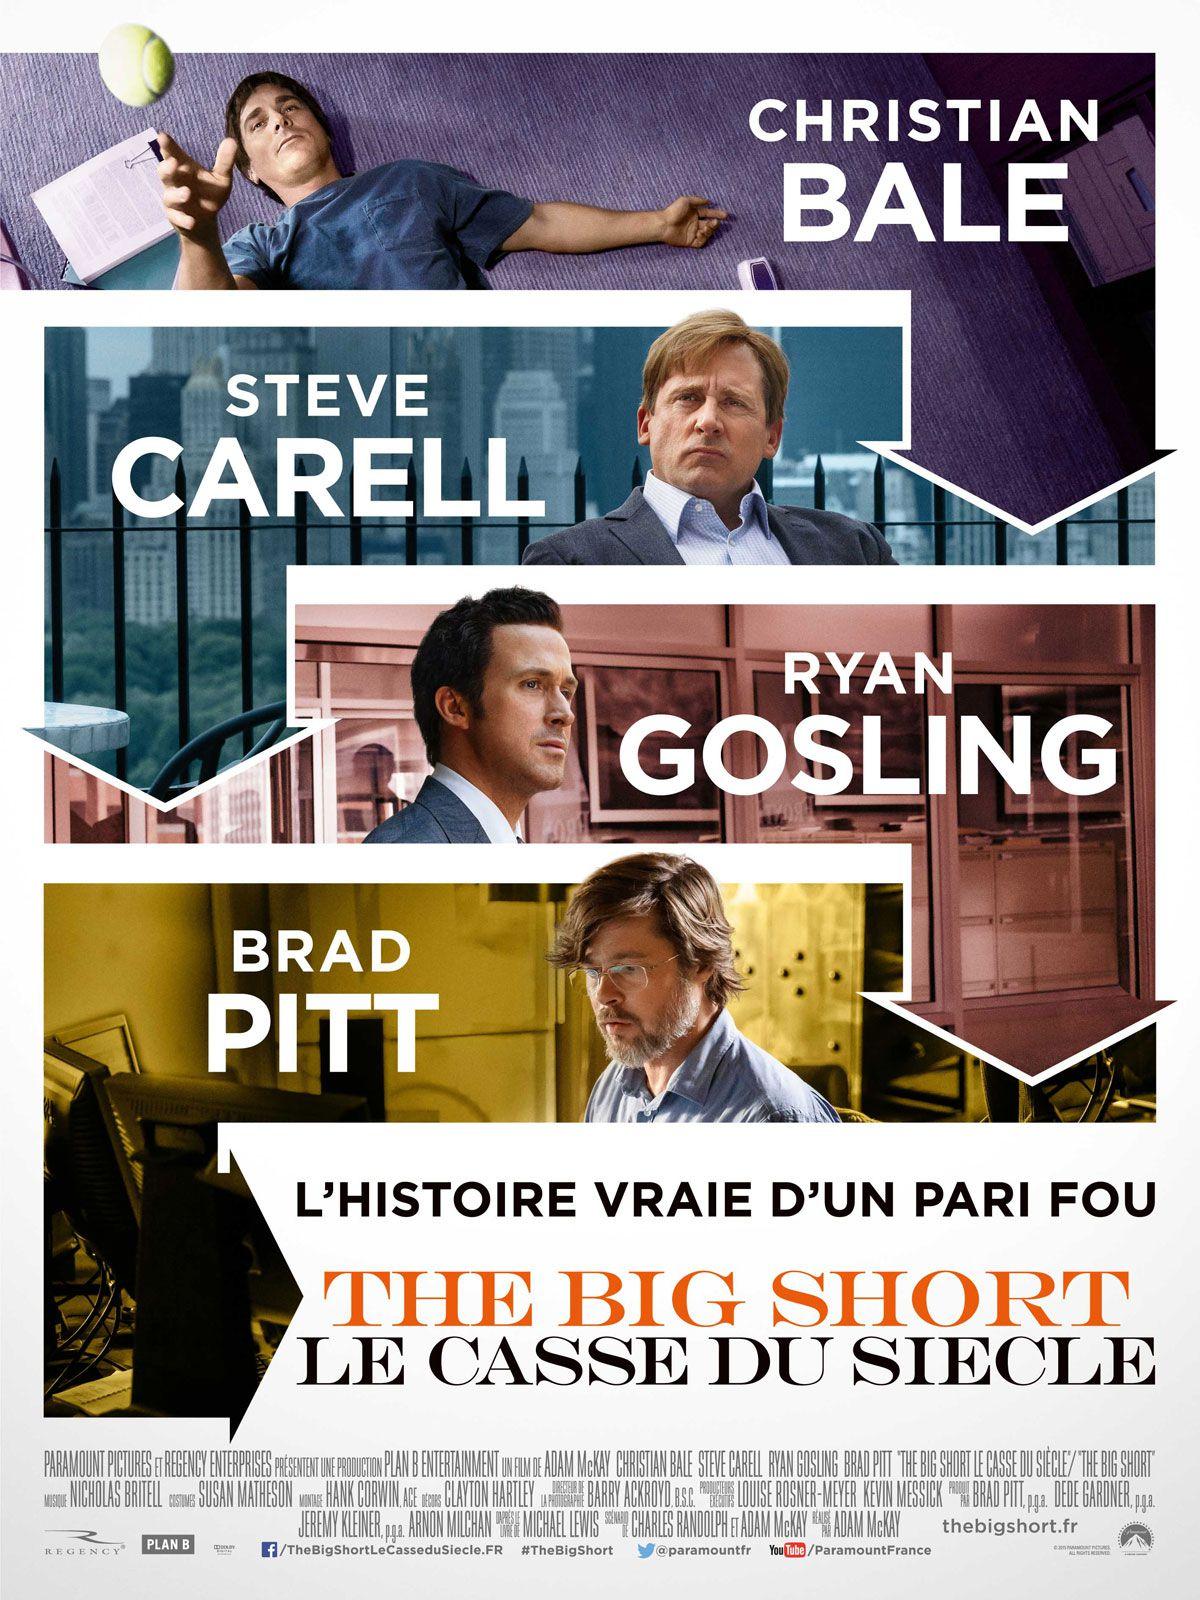 The Big Short : Le Casse du siècle - Film (2015)